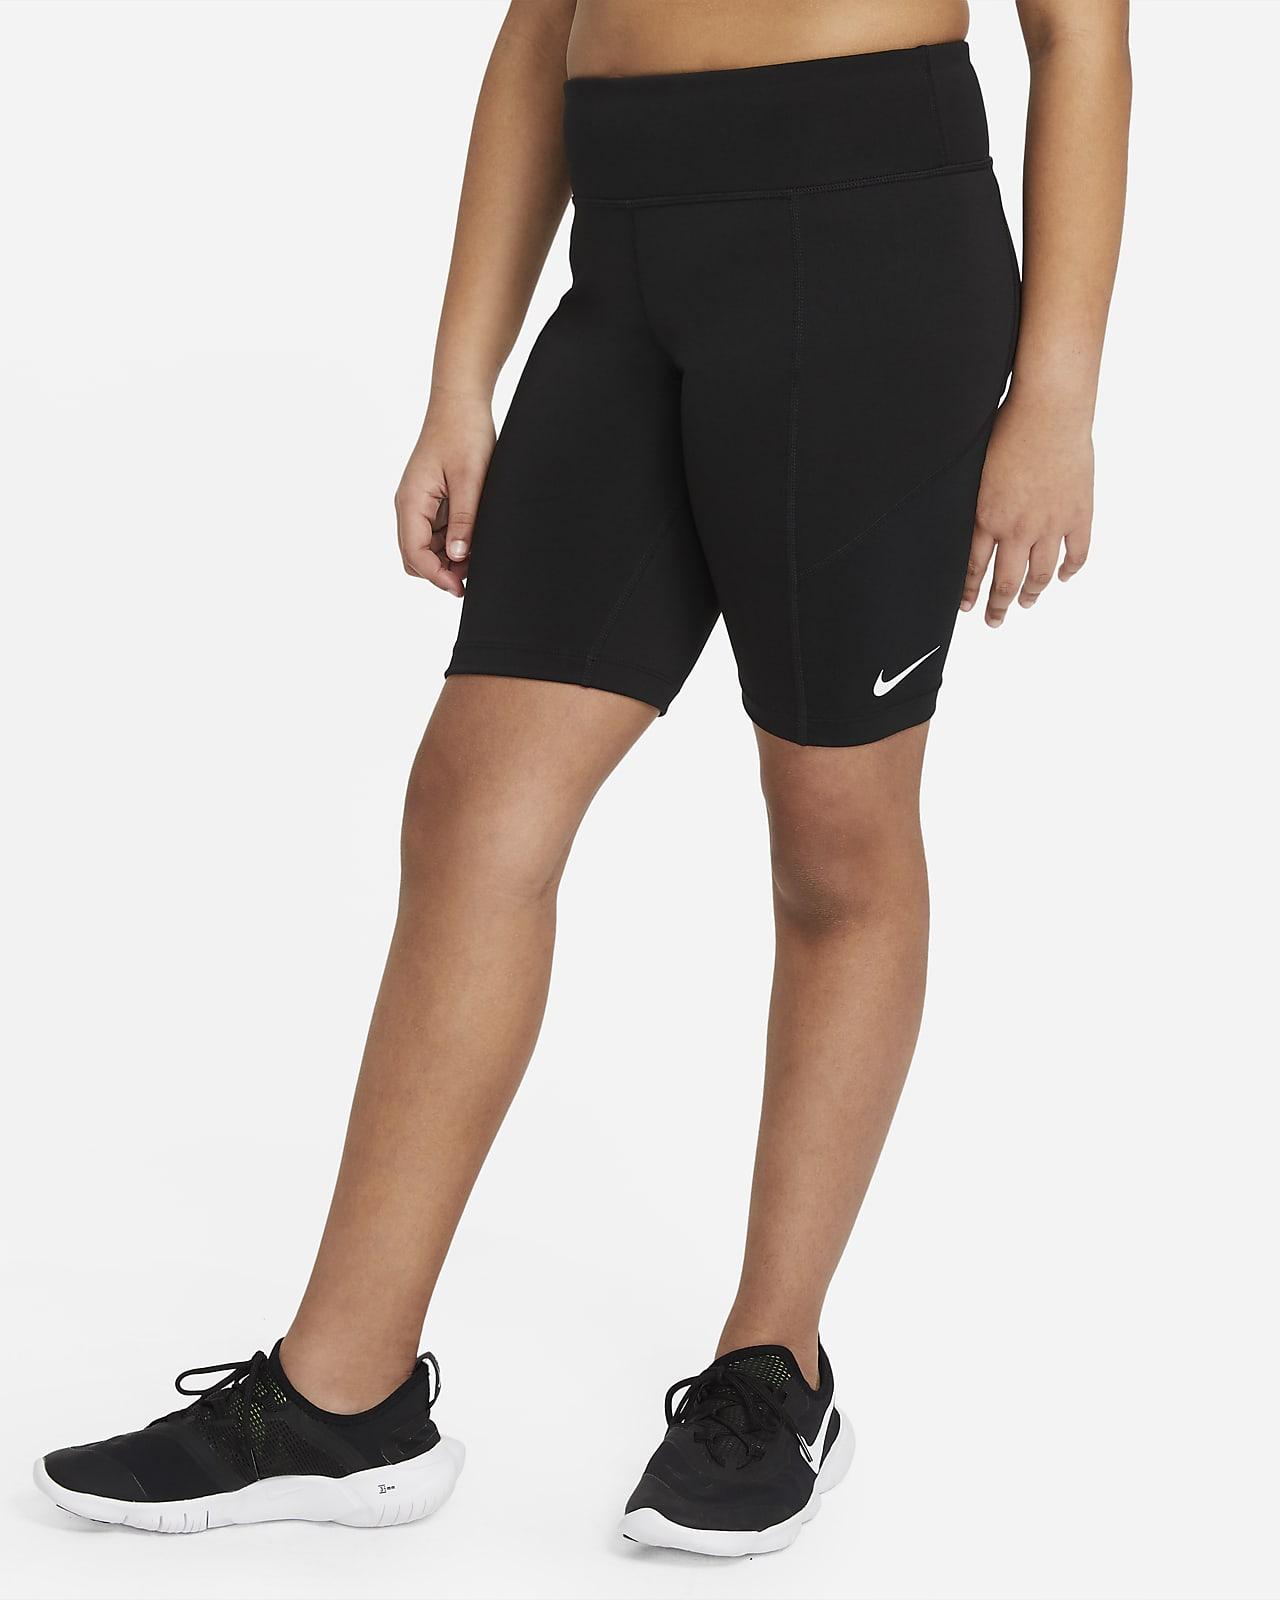 Nike Trophy Trainings-Radshorts für ältere Kinder (Mädchen) (erweiterte Größe)